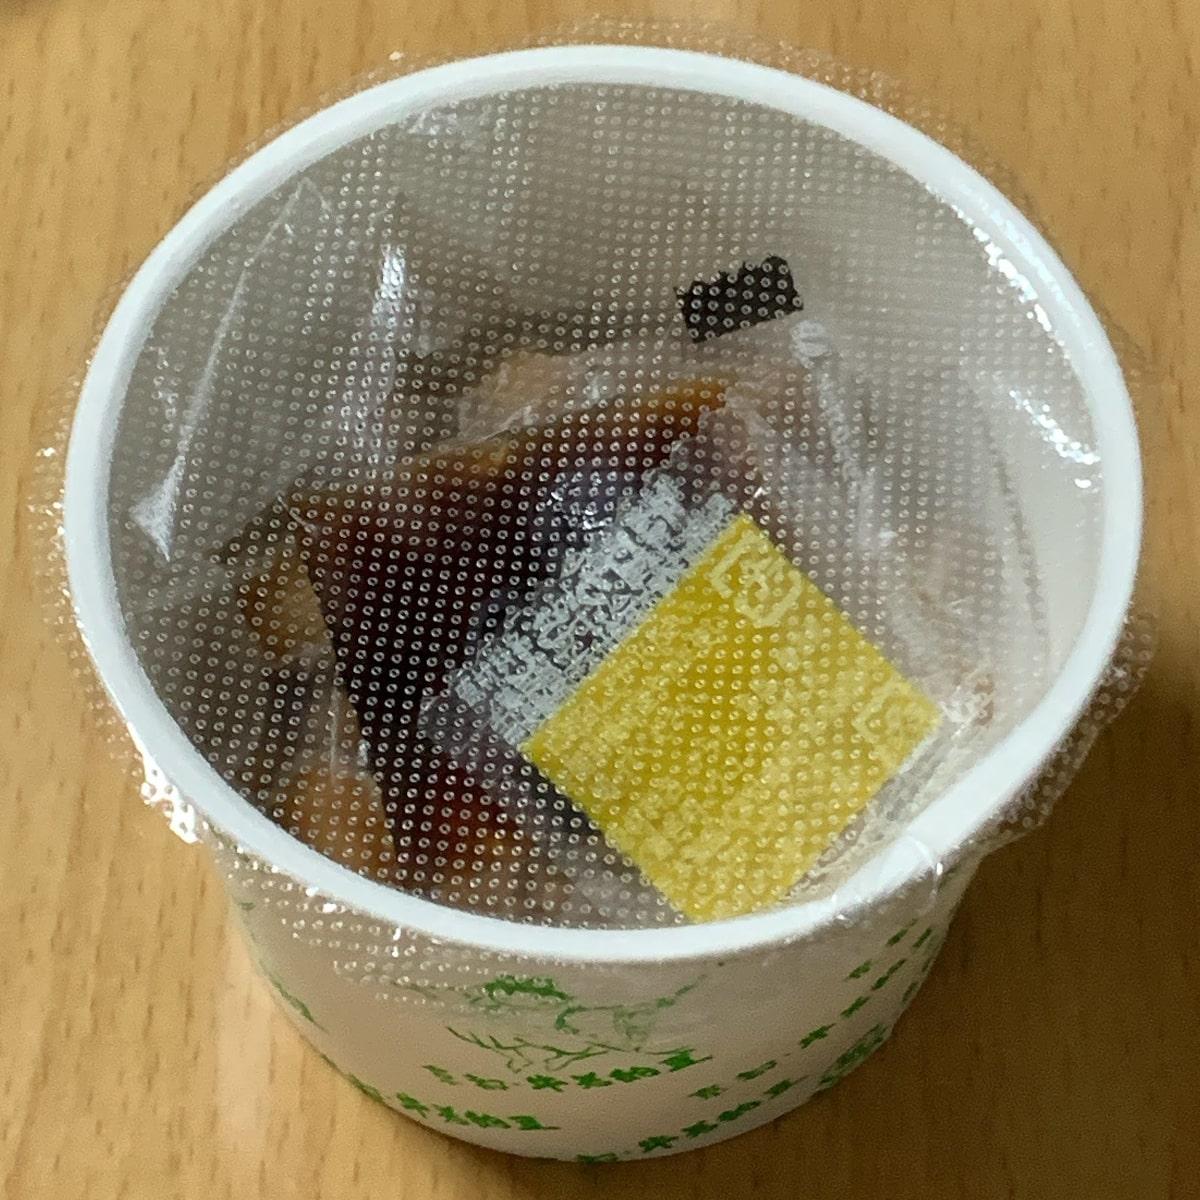 「もちもち納豆」のカップひとつの画像